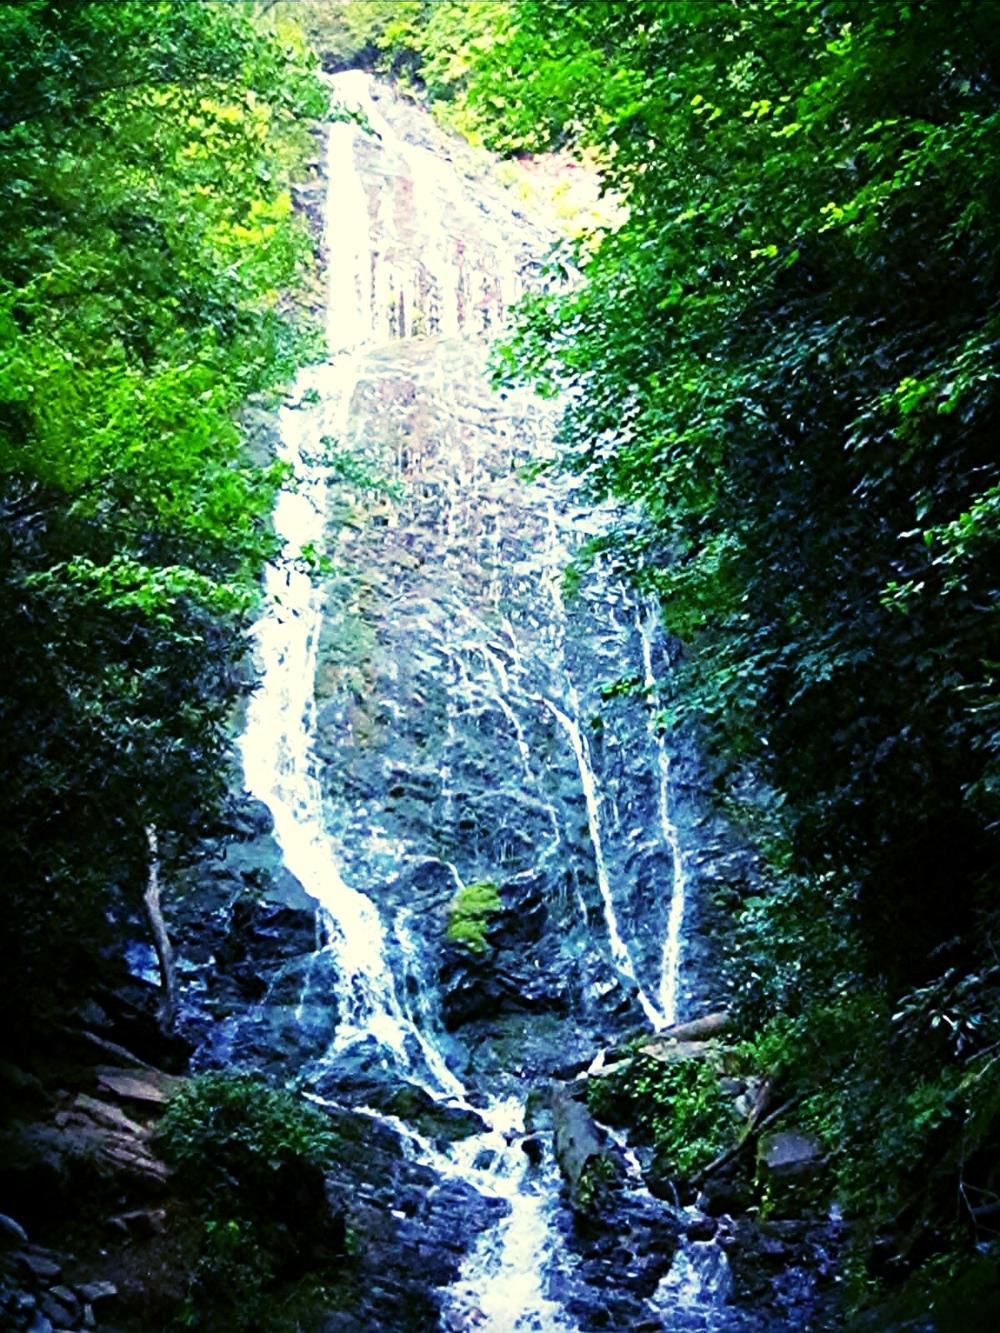 Laurel Falls, Great Smoky Mountains, North Carolina, July 2010